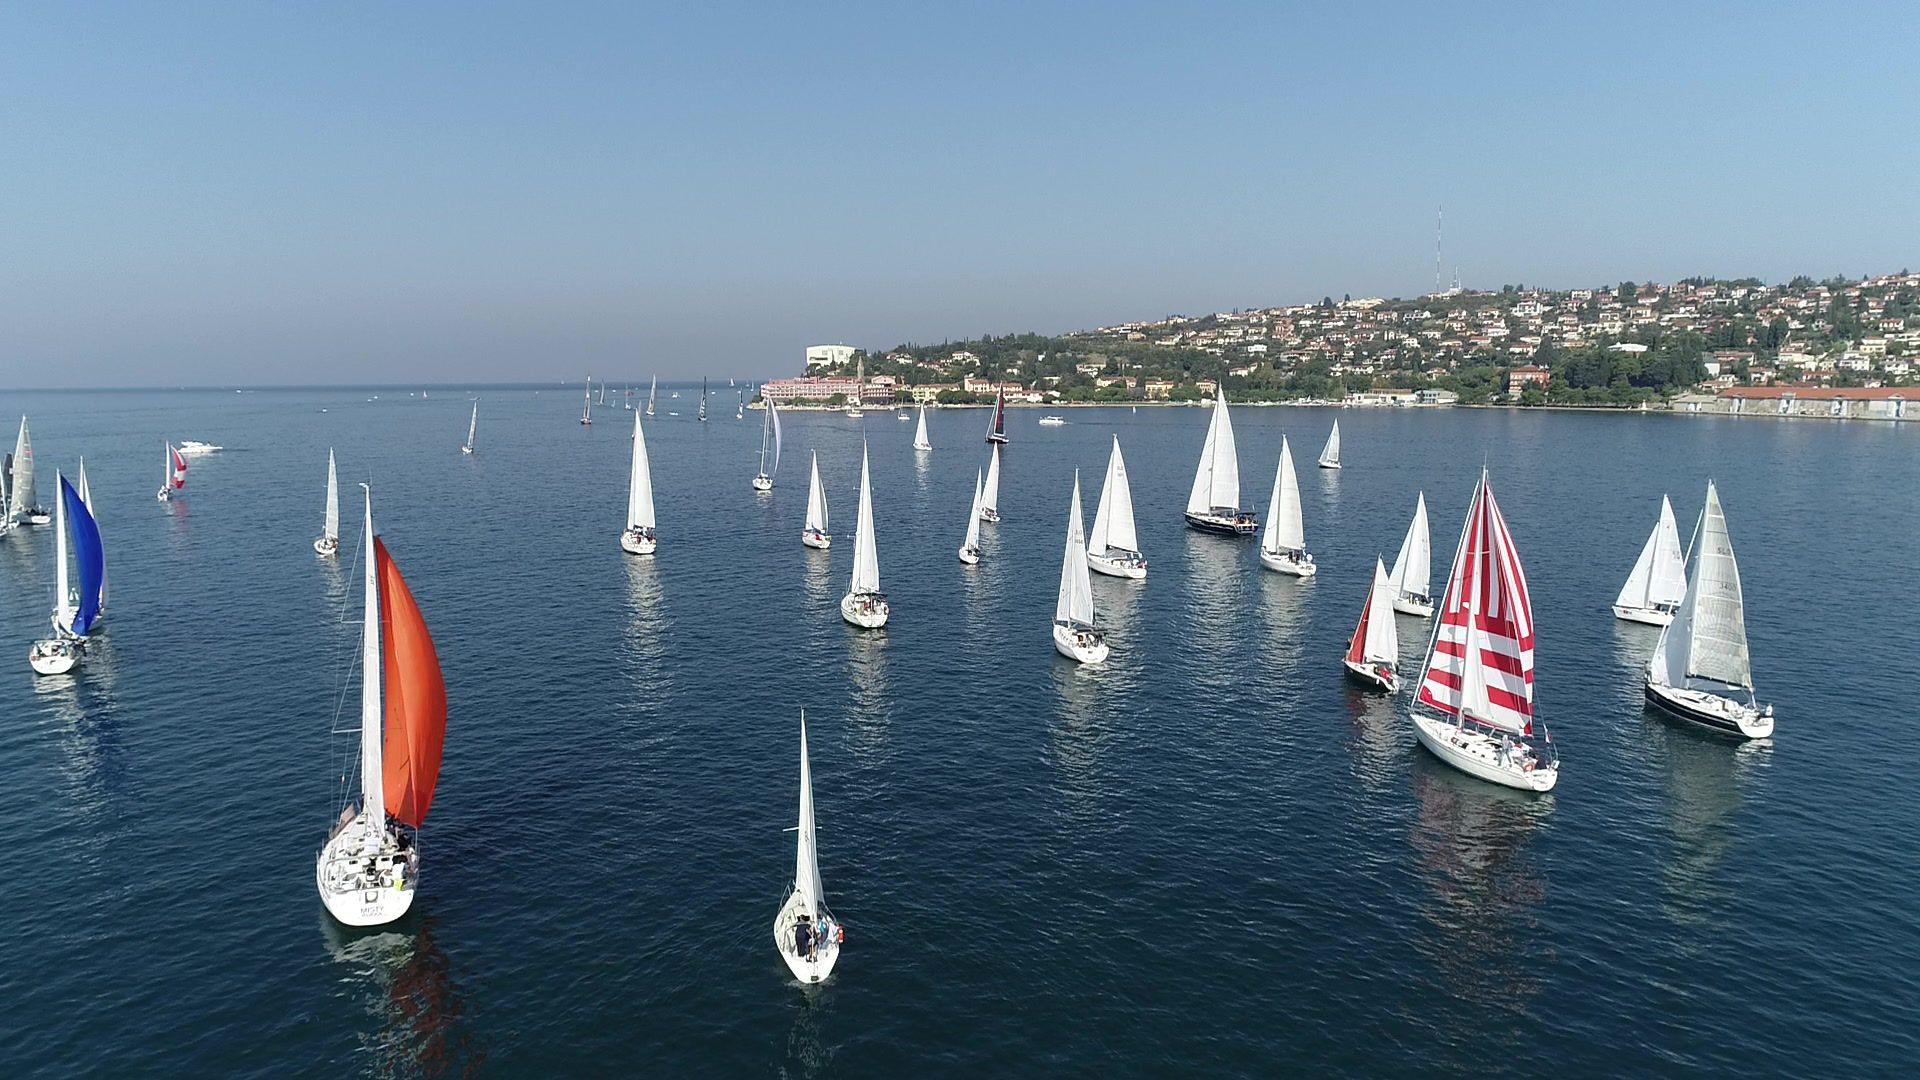 Ovaj vikend u Trstu se održava 51. Barcolana, jedna od najvećih regata na svijetu